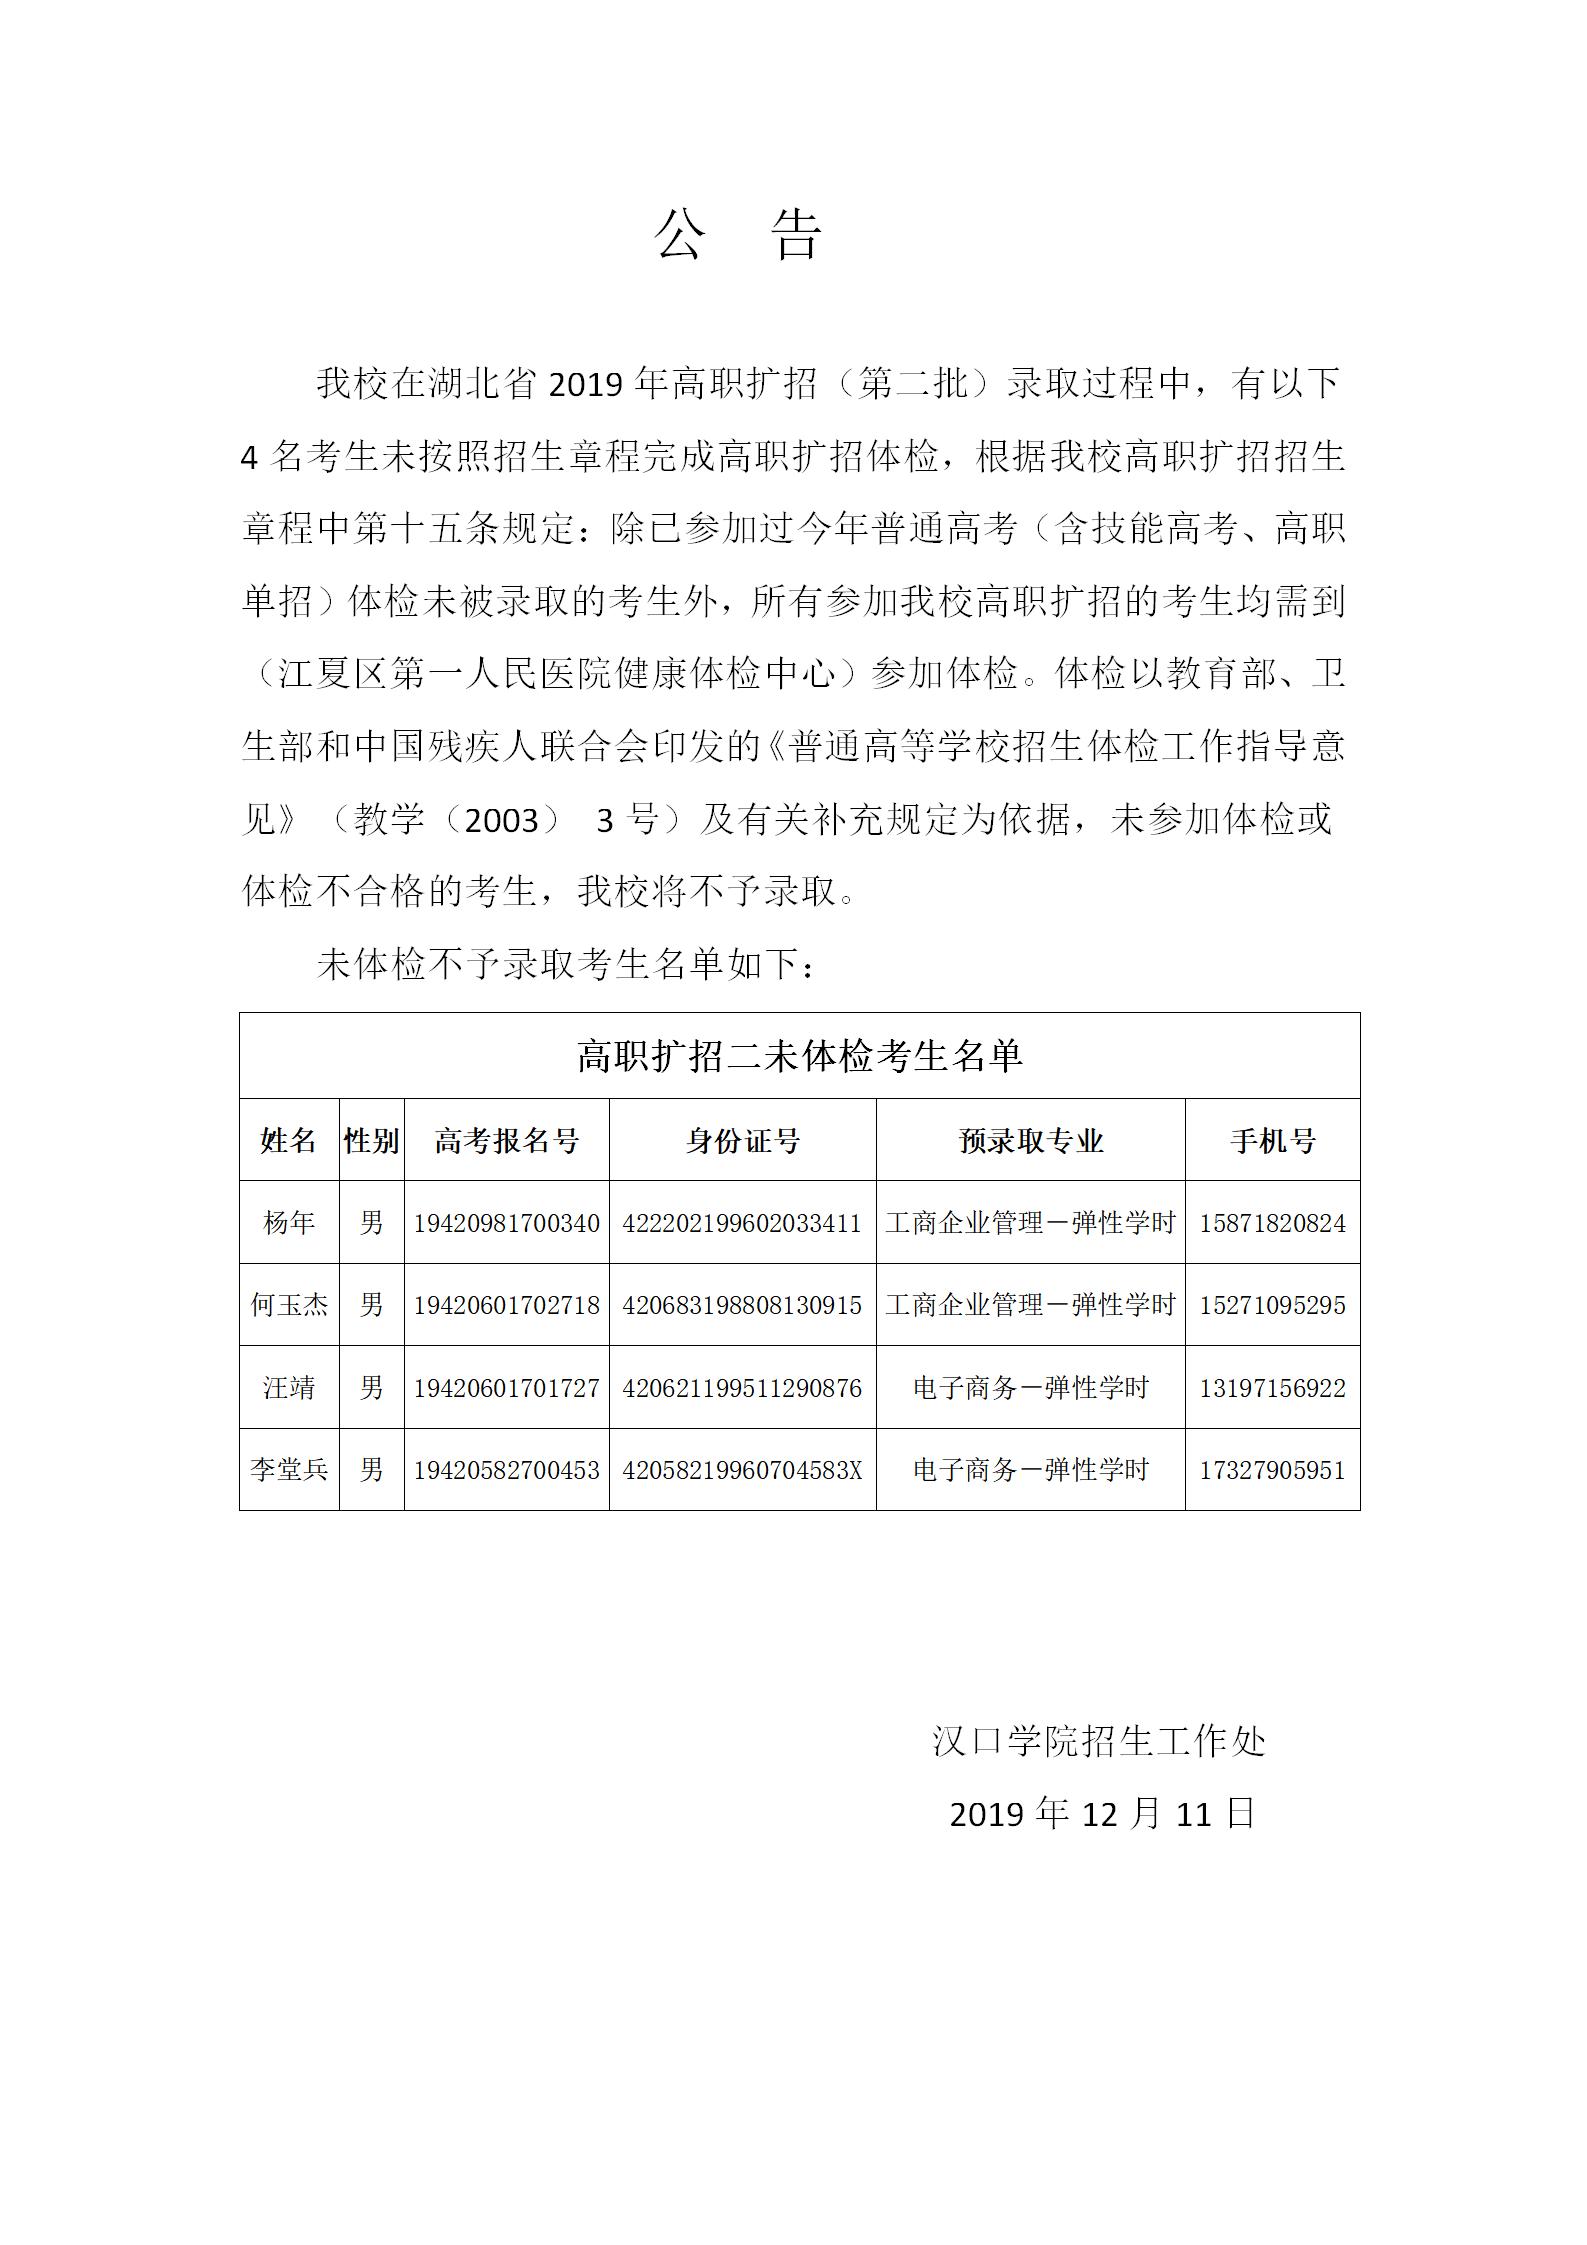 汉口学院关于高职扩招二录取情况说明_01.png